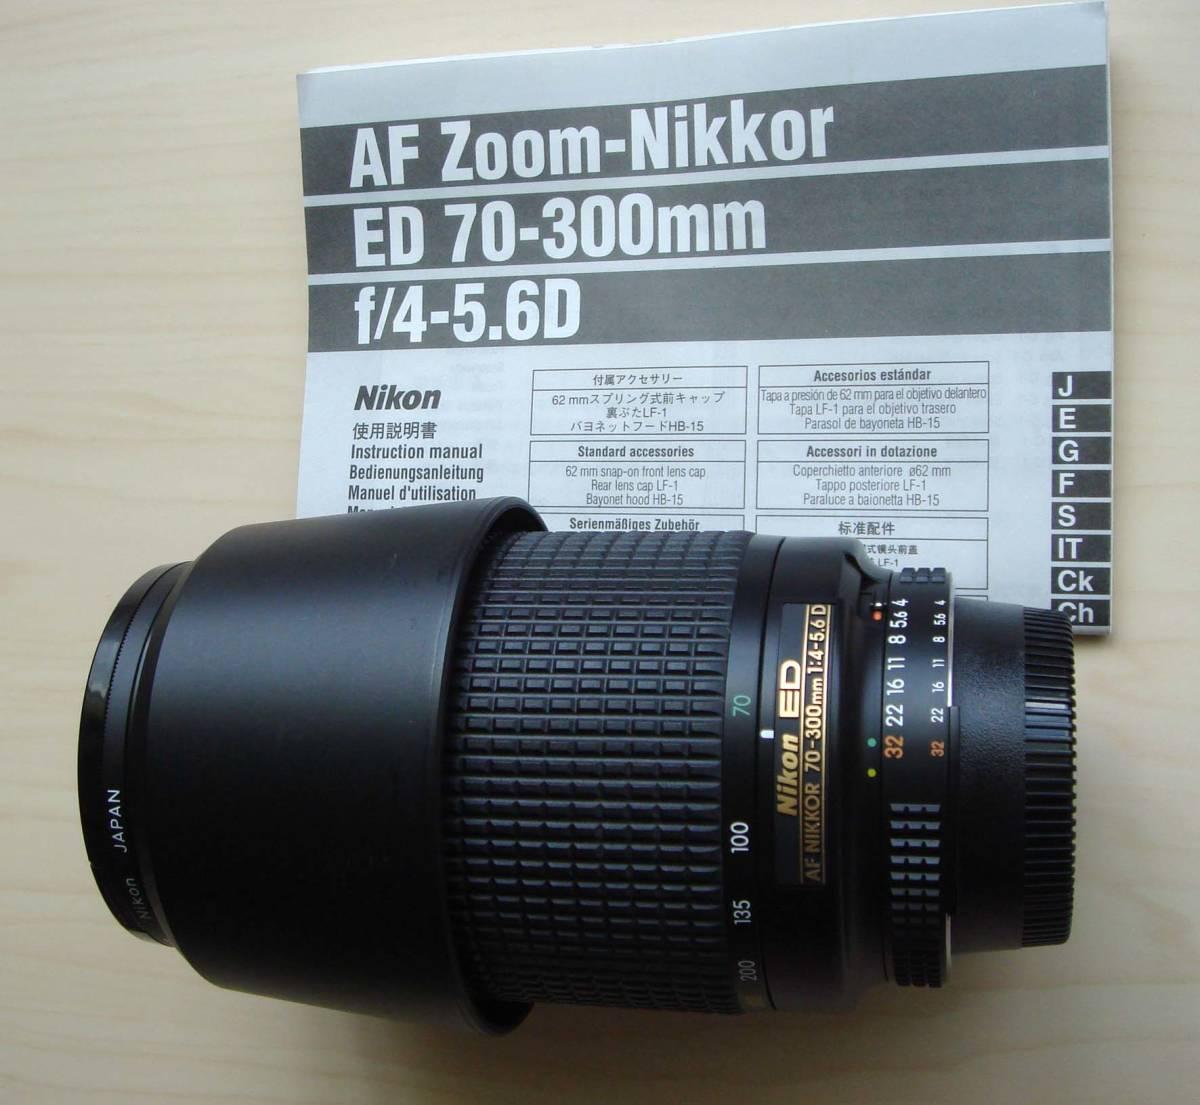 Nikon ニコン AF Zoom-Nikkor 70-300mm f/4-5.6D 美品 送料込拍卖